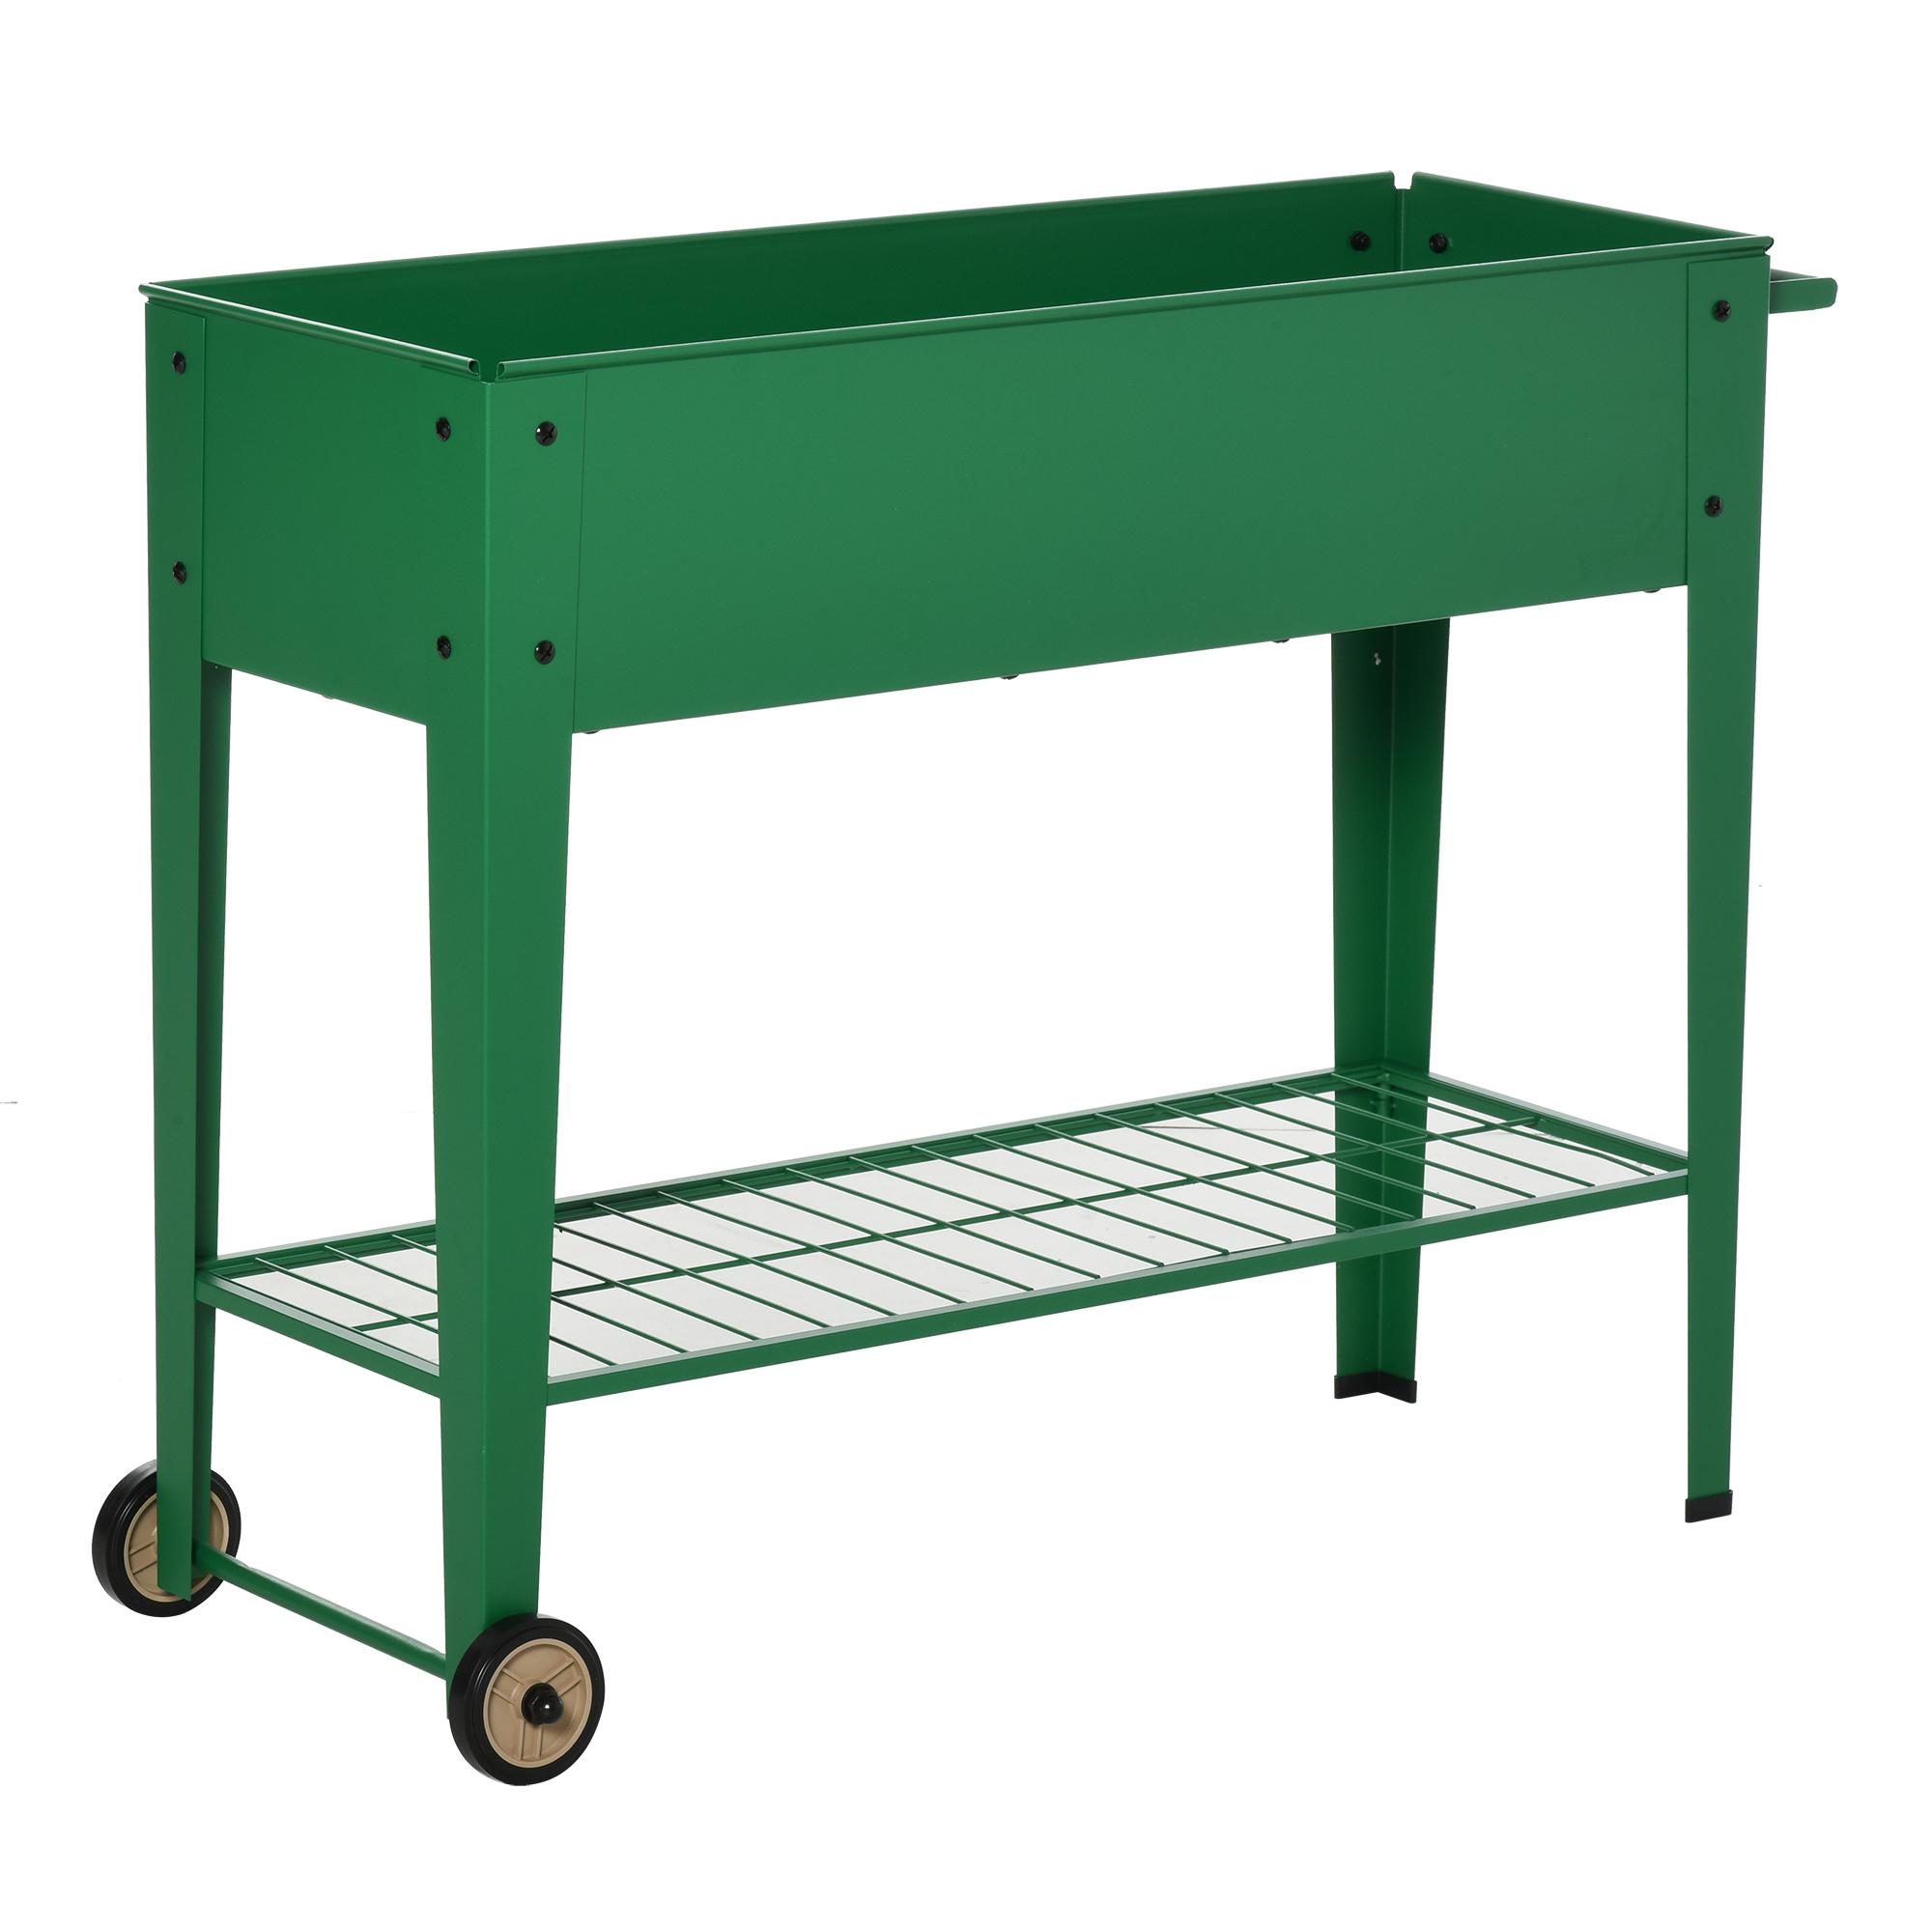 Jardinière sur pieds potager étagère 2 roues insert d'irrigation métal